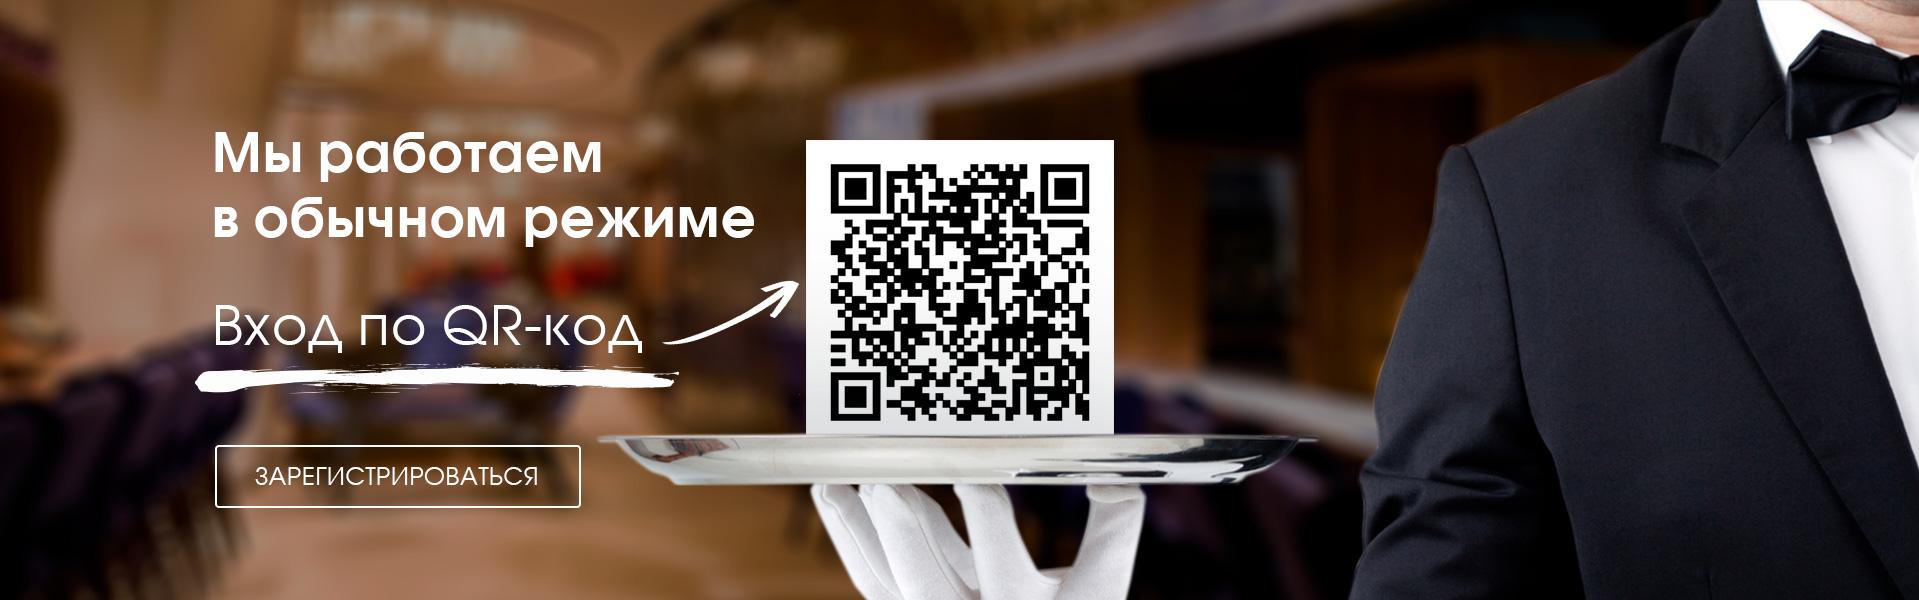 Регистрация по QR-коду